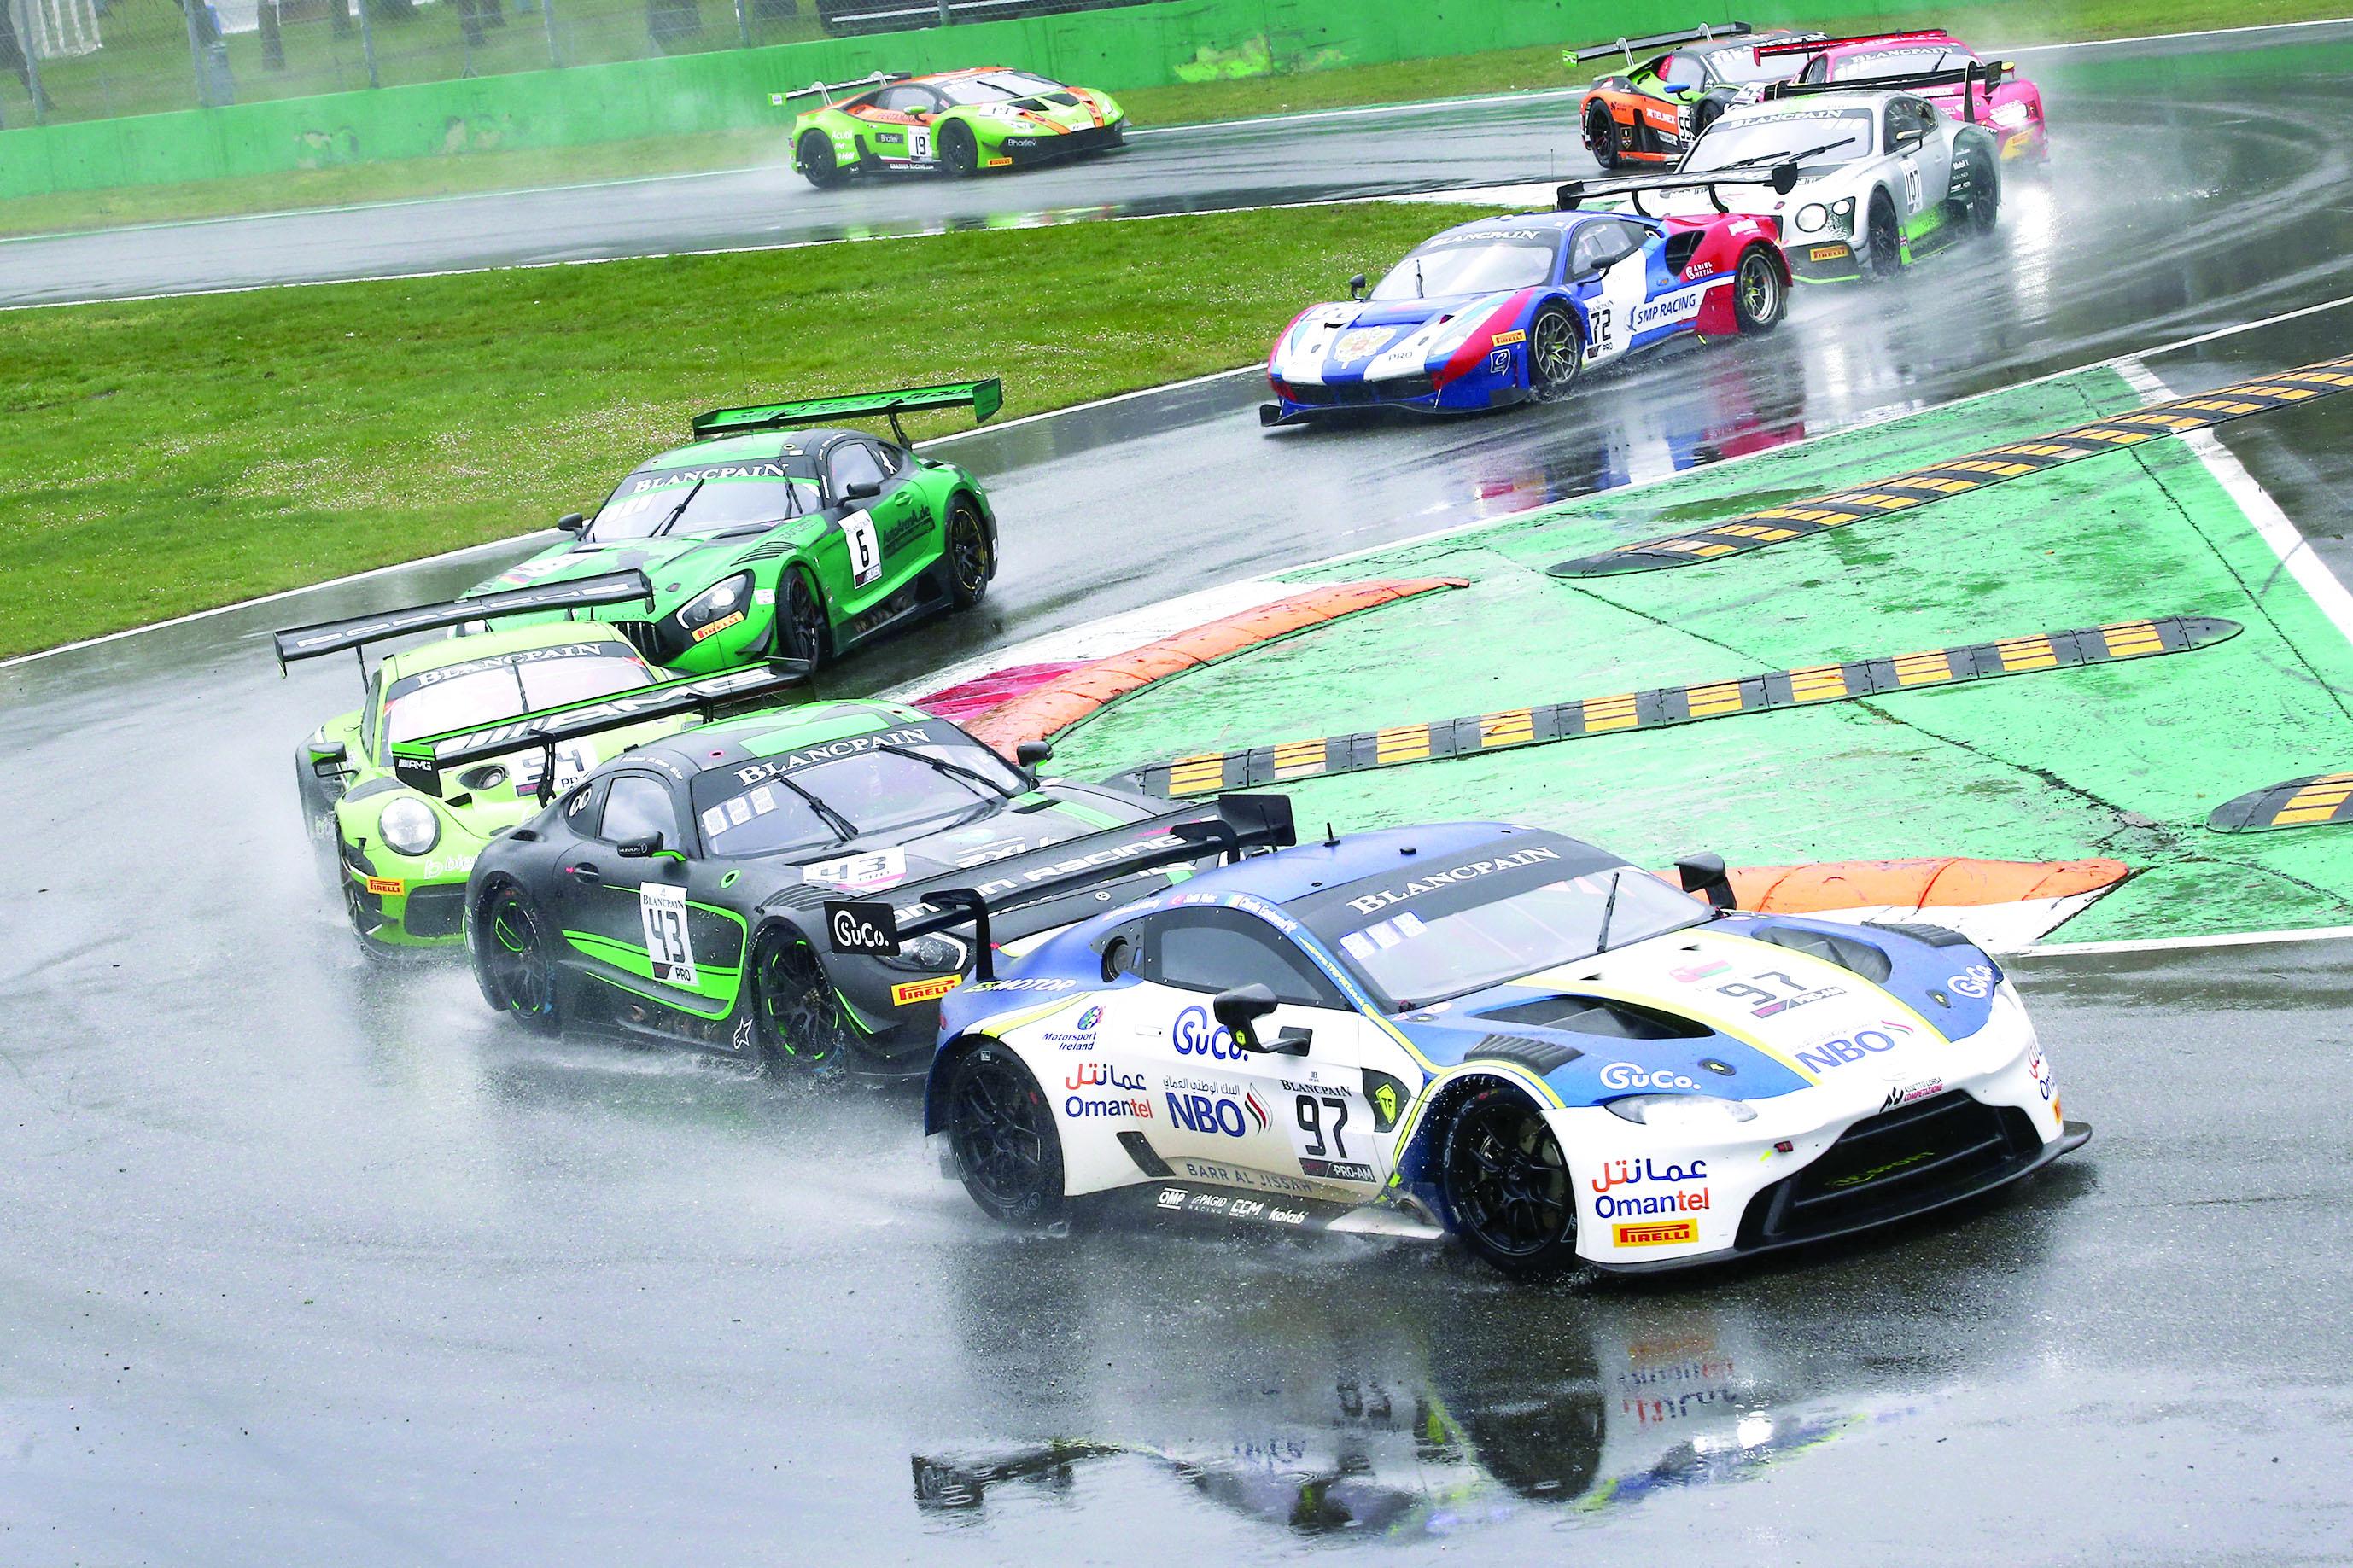 الإطارات تحرم الفريق من الصدارة عمان لسباقات السيارات يحرز المركز الثالـث في أولى جولات بلانك بان للتحمل